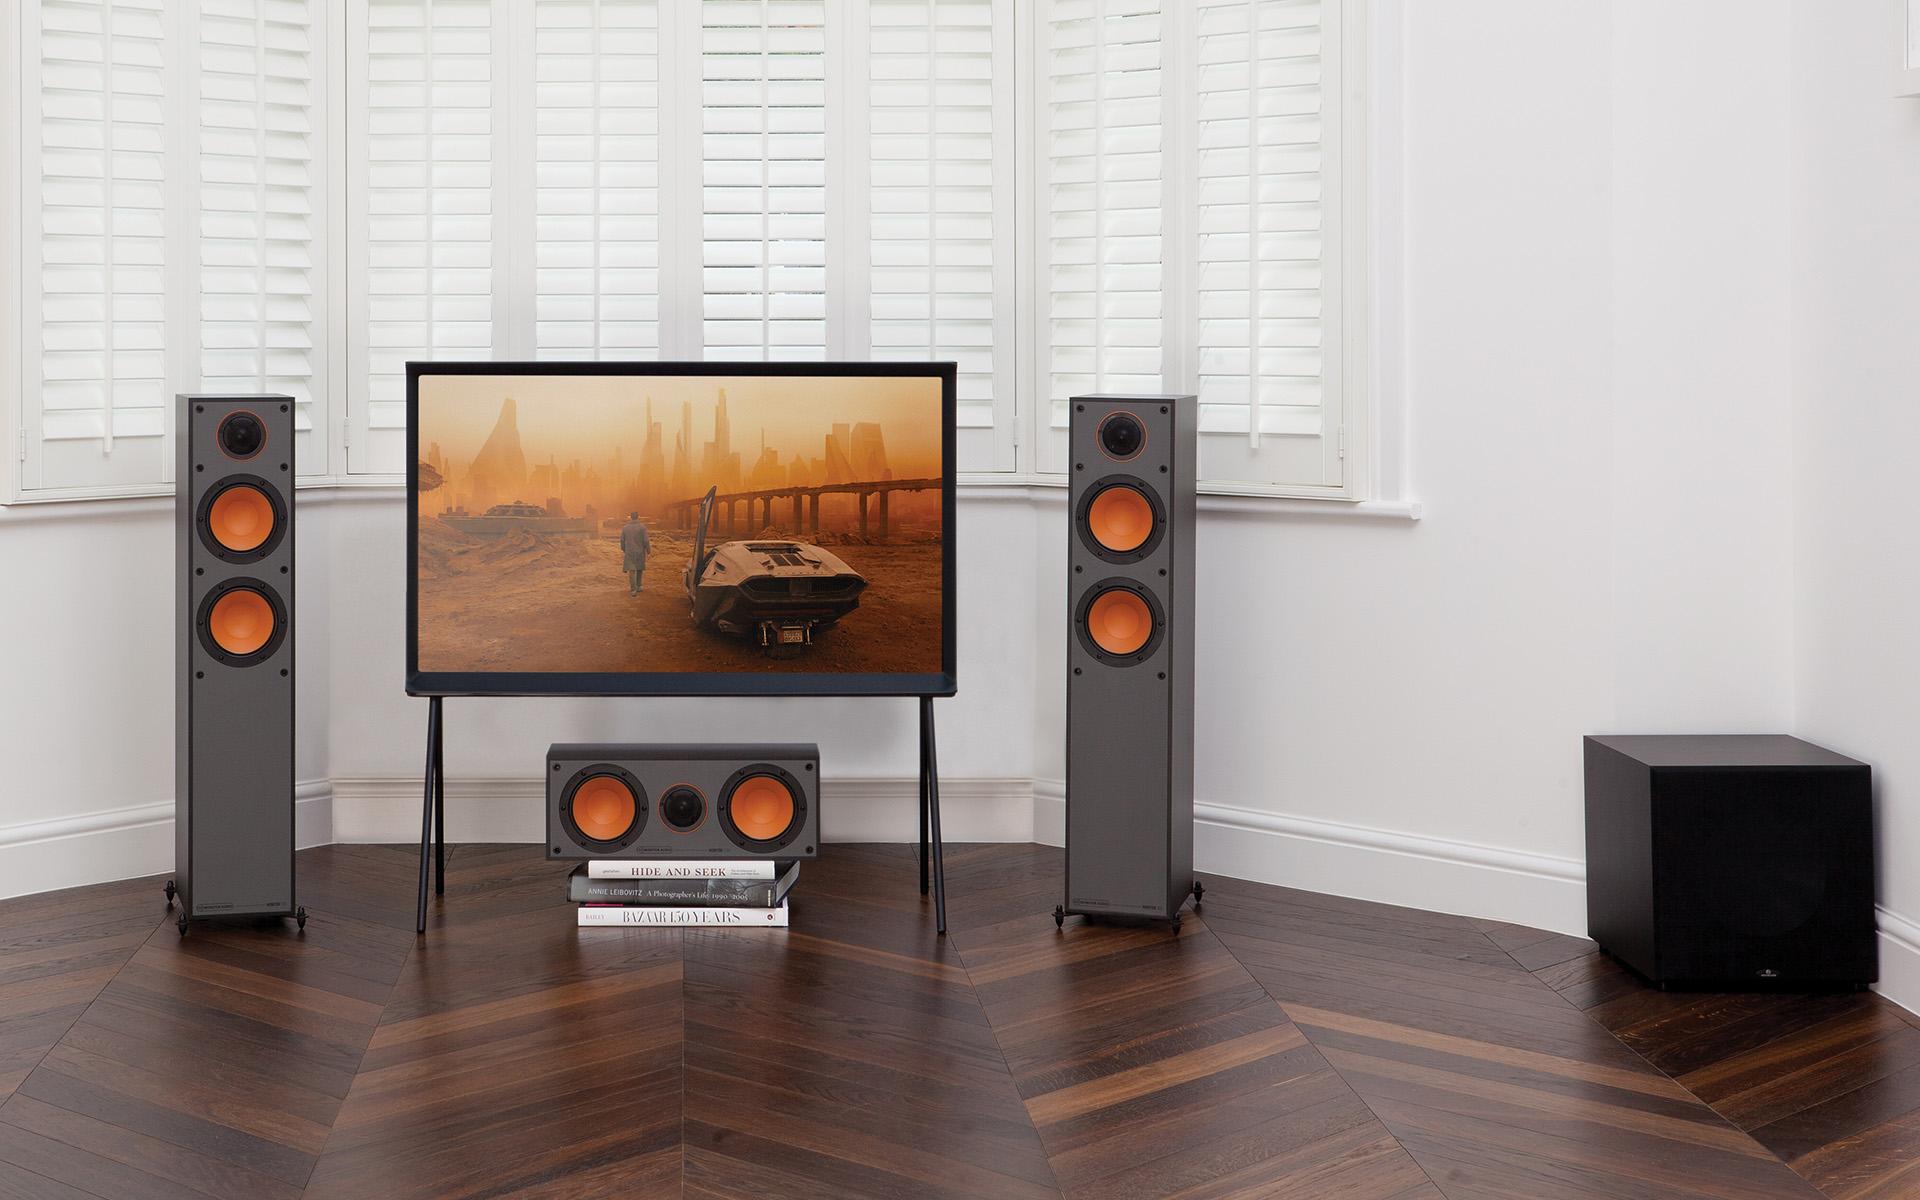 Диффузоры низкочастотных динамиков получили эффектную оранжевую окраску